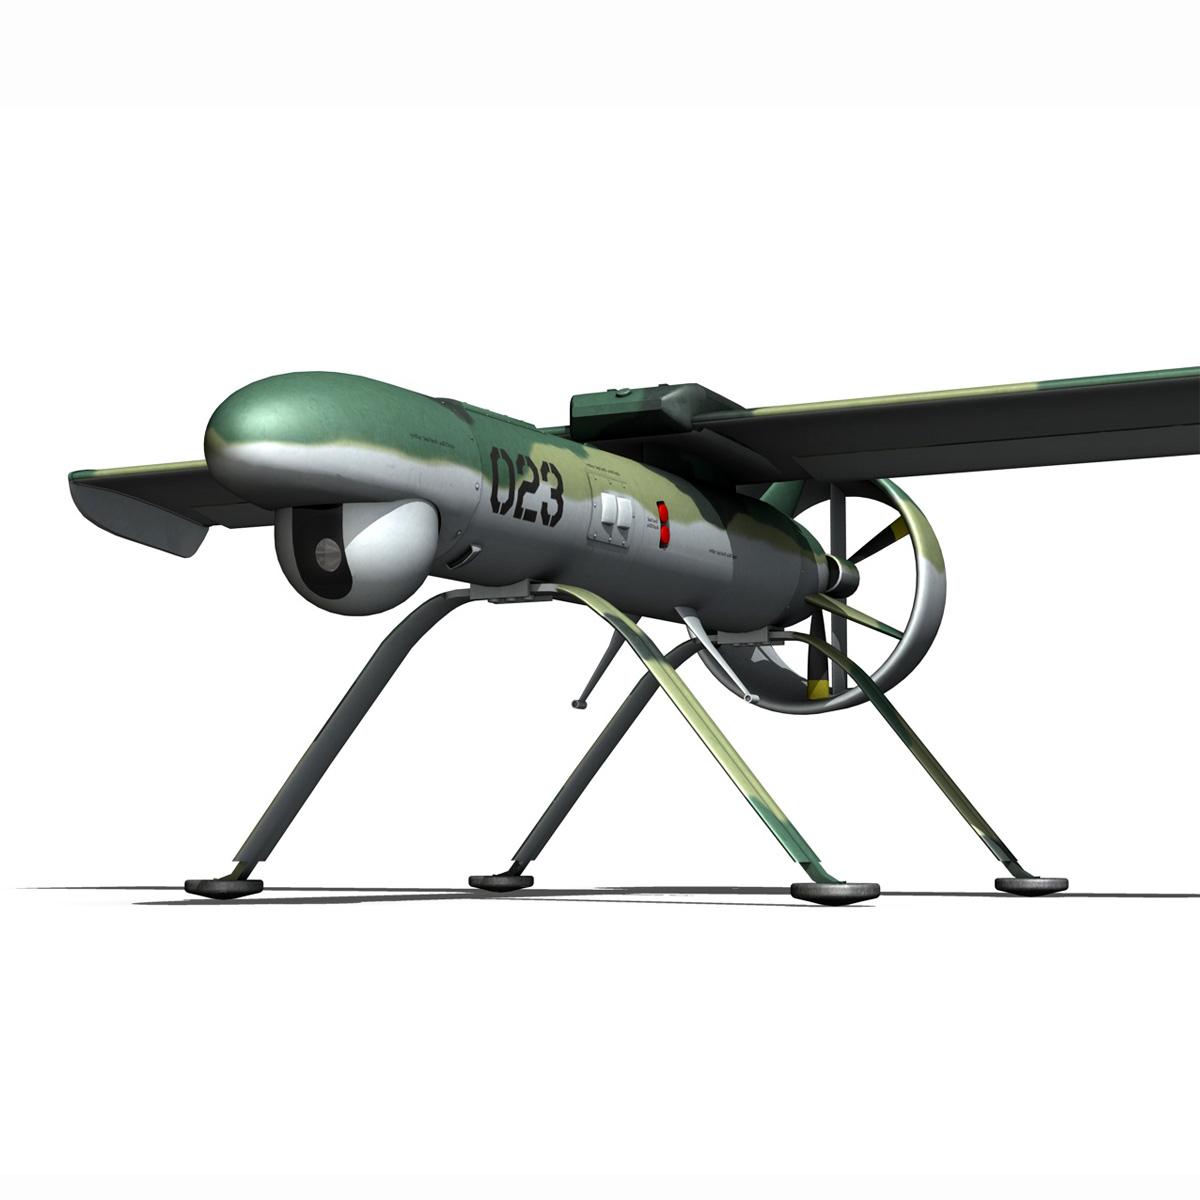 pchela 1t drone orosz uav 3d modell 3ds fbx c4d lwo obj 188461